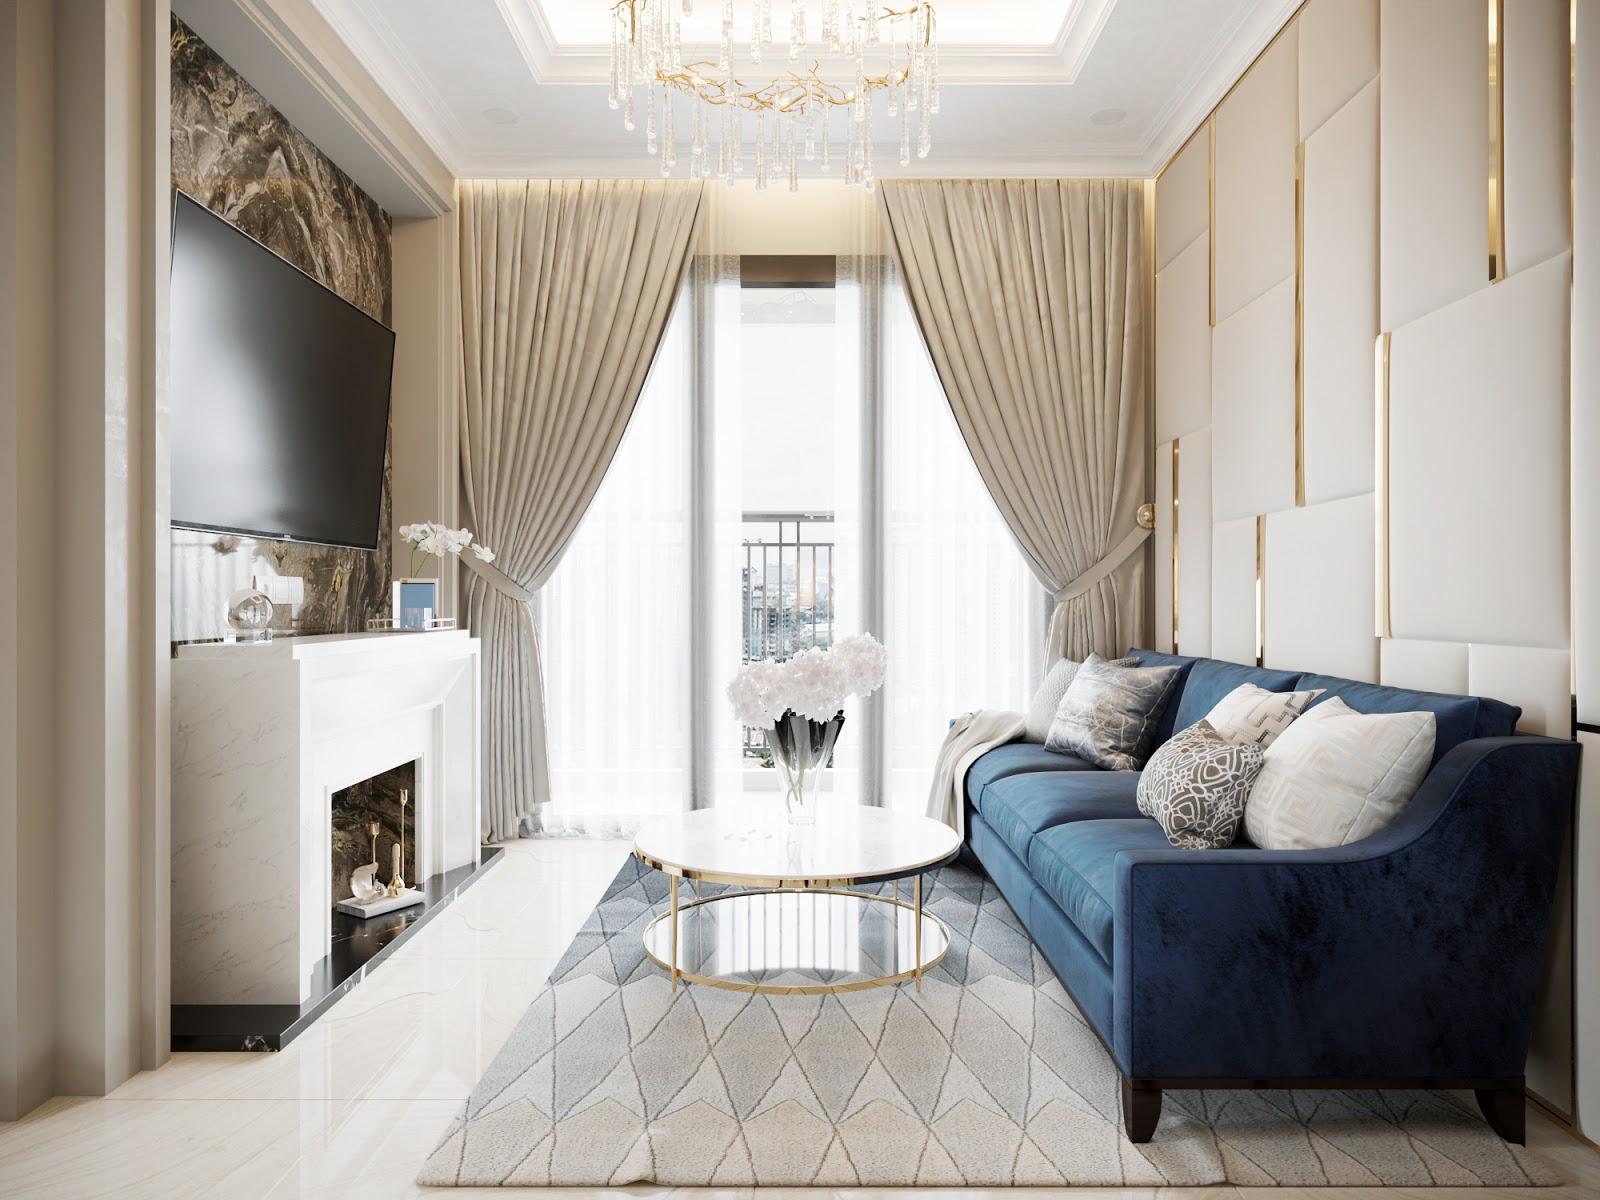 Tối ưu ánh sáng cho căn hộ 100m2 thoáng đãng